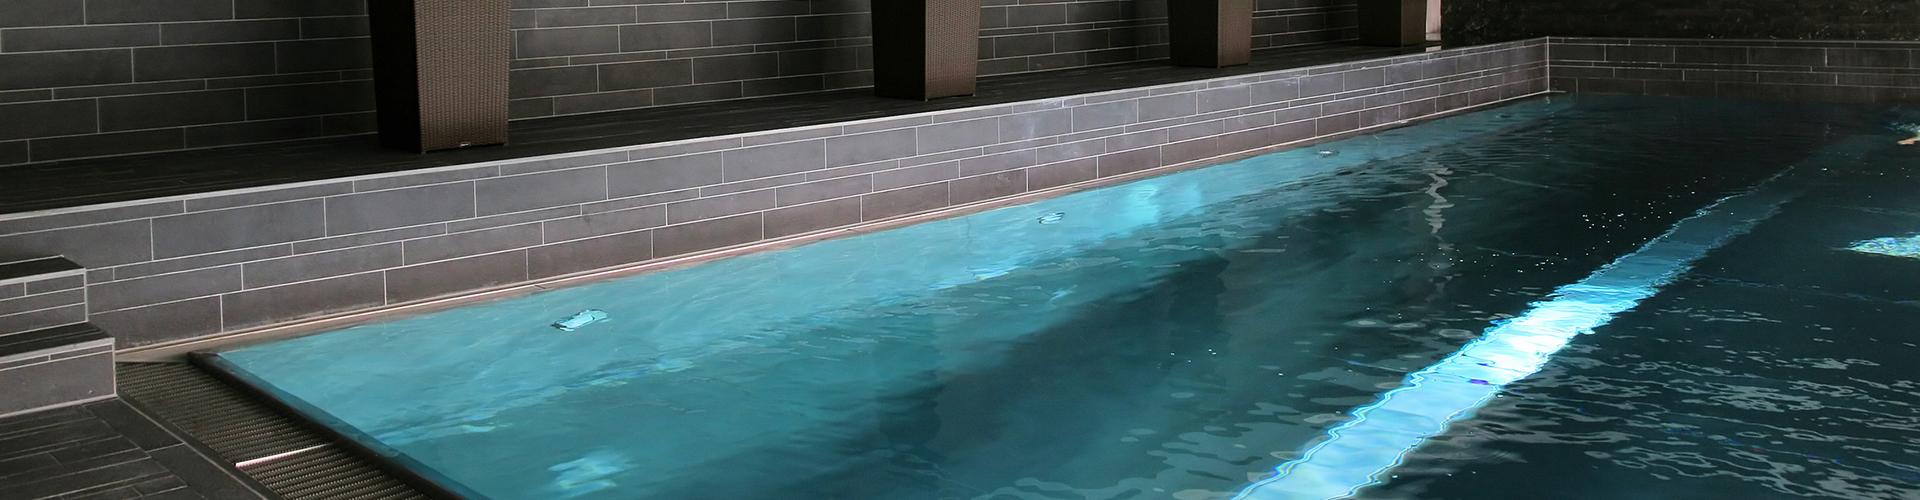 Constructeur de piscine int rieure centerspas for Constructeur piscine